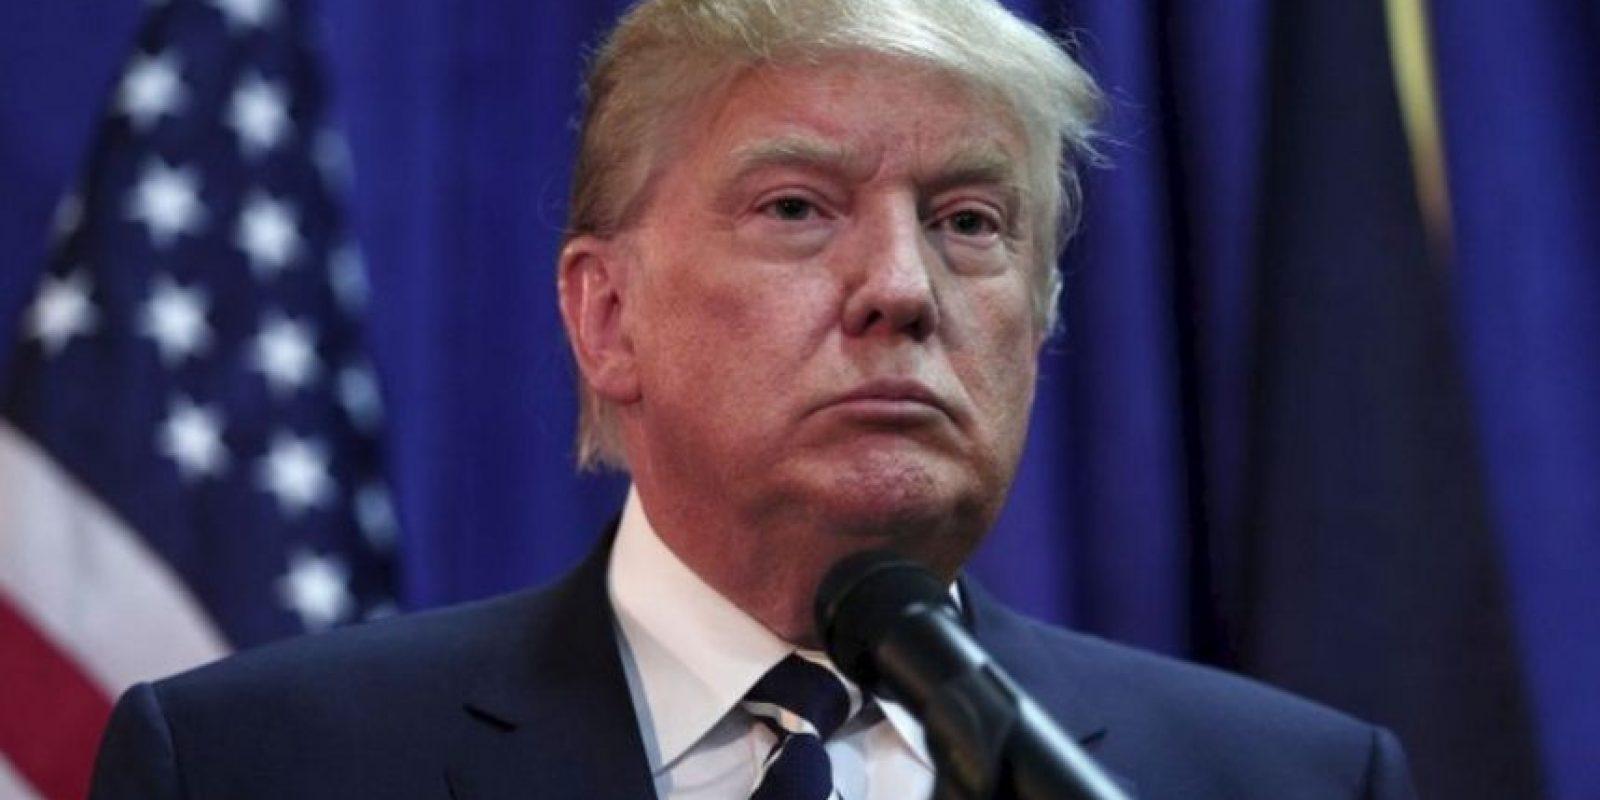 """Trump quiere construir un muro entre México y Estados Unidos y expulsar a los inmigrantes ilegales: """"Los buenos regresarán… legalmente"""". Foto:Getty Images. Imagen Por:"""